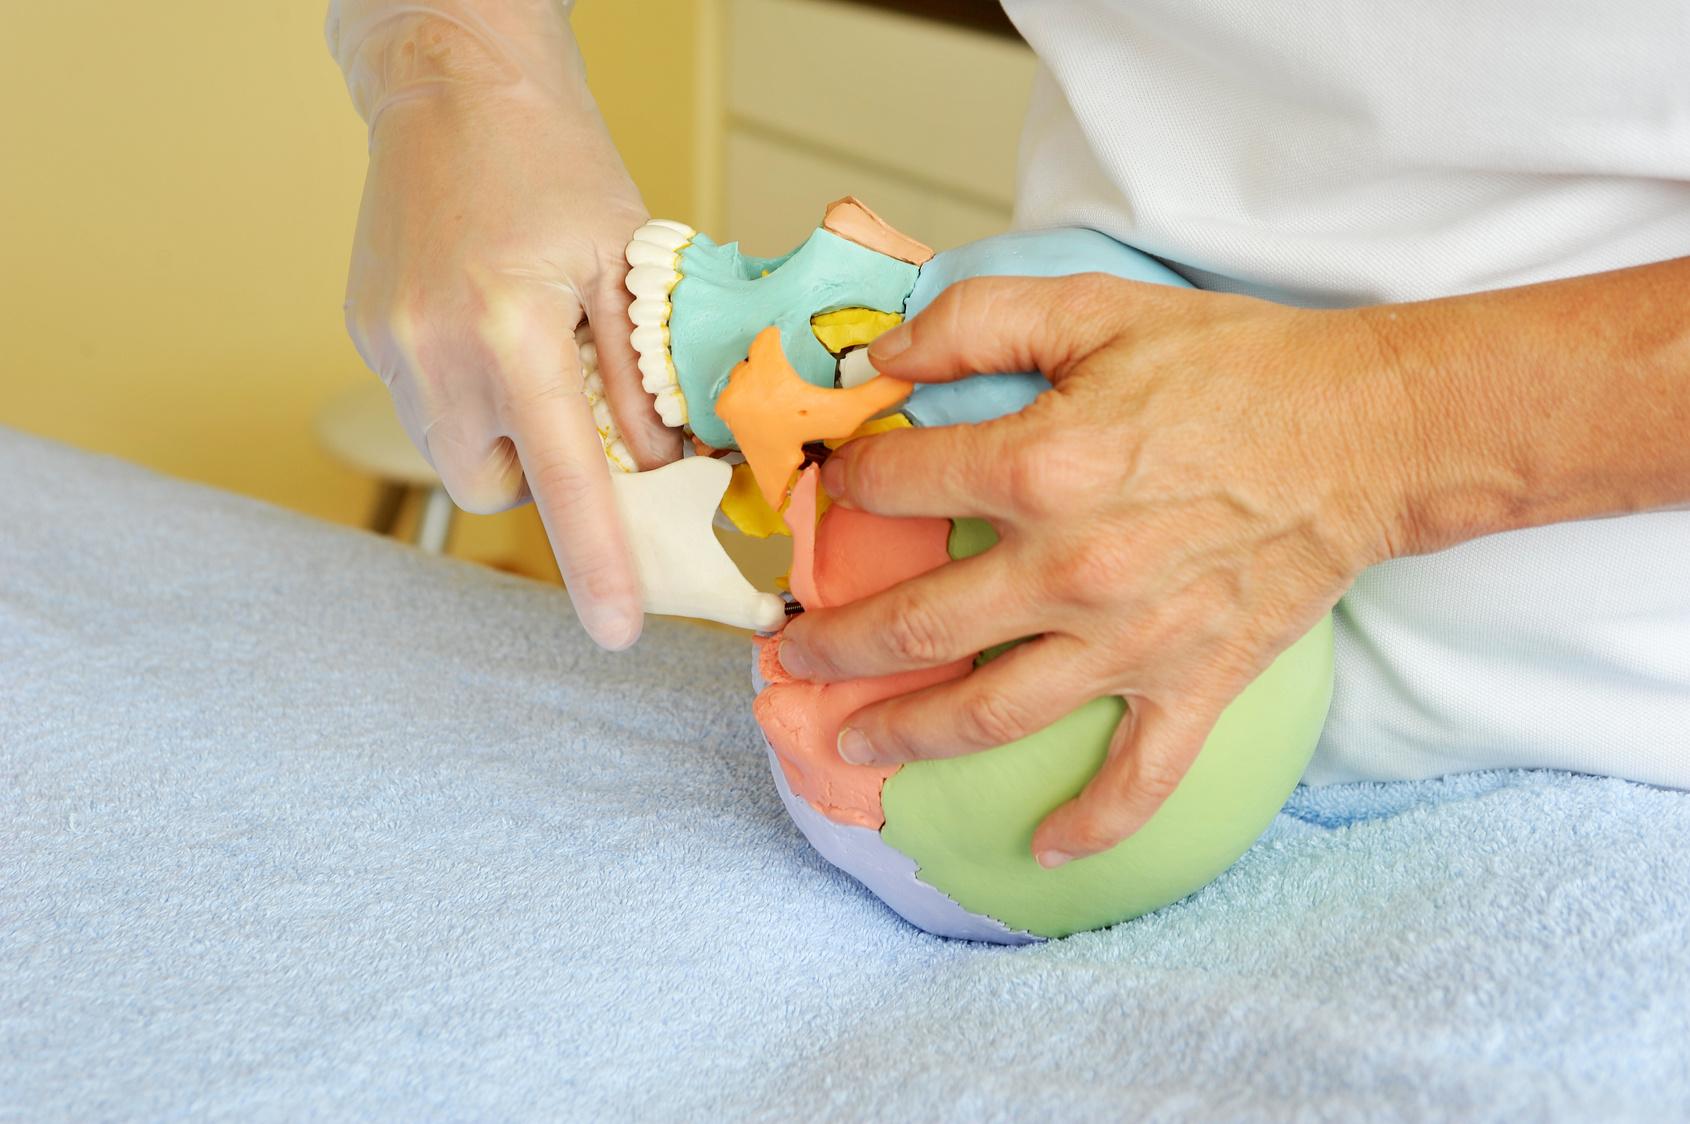 Kurs - Temporomandibular joints – diagnostics and therapy